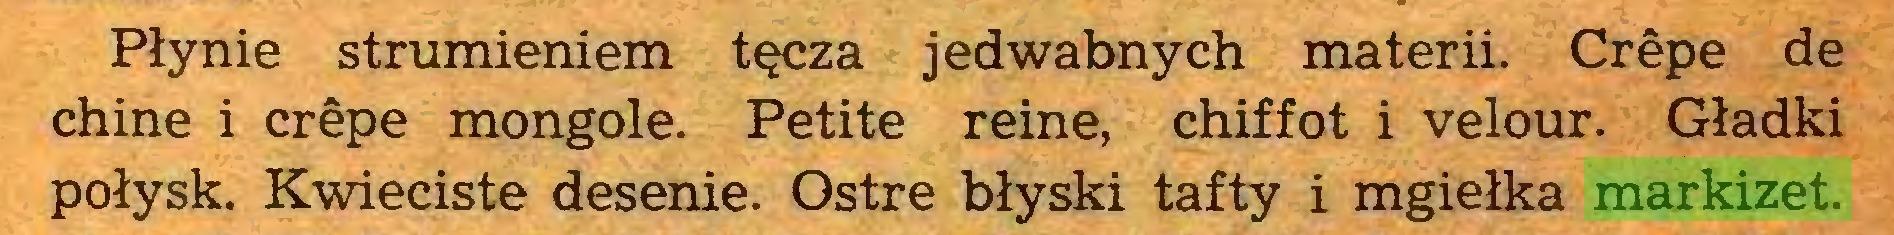 (...) Płynie strumieniem tęcza jedwabnych materii. Crêpe de chine i crêpe mongole. Petite reine, chiffot i velour. Gładki połysk. Kwieciste desenie. Ostre błyski tafty i mgiełka markizet...